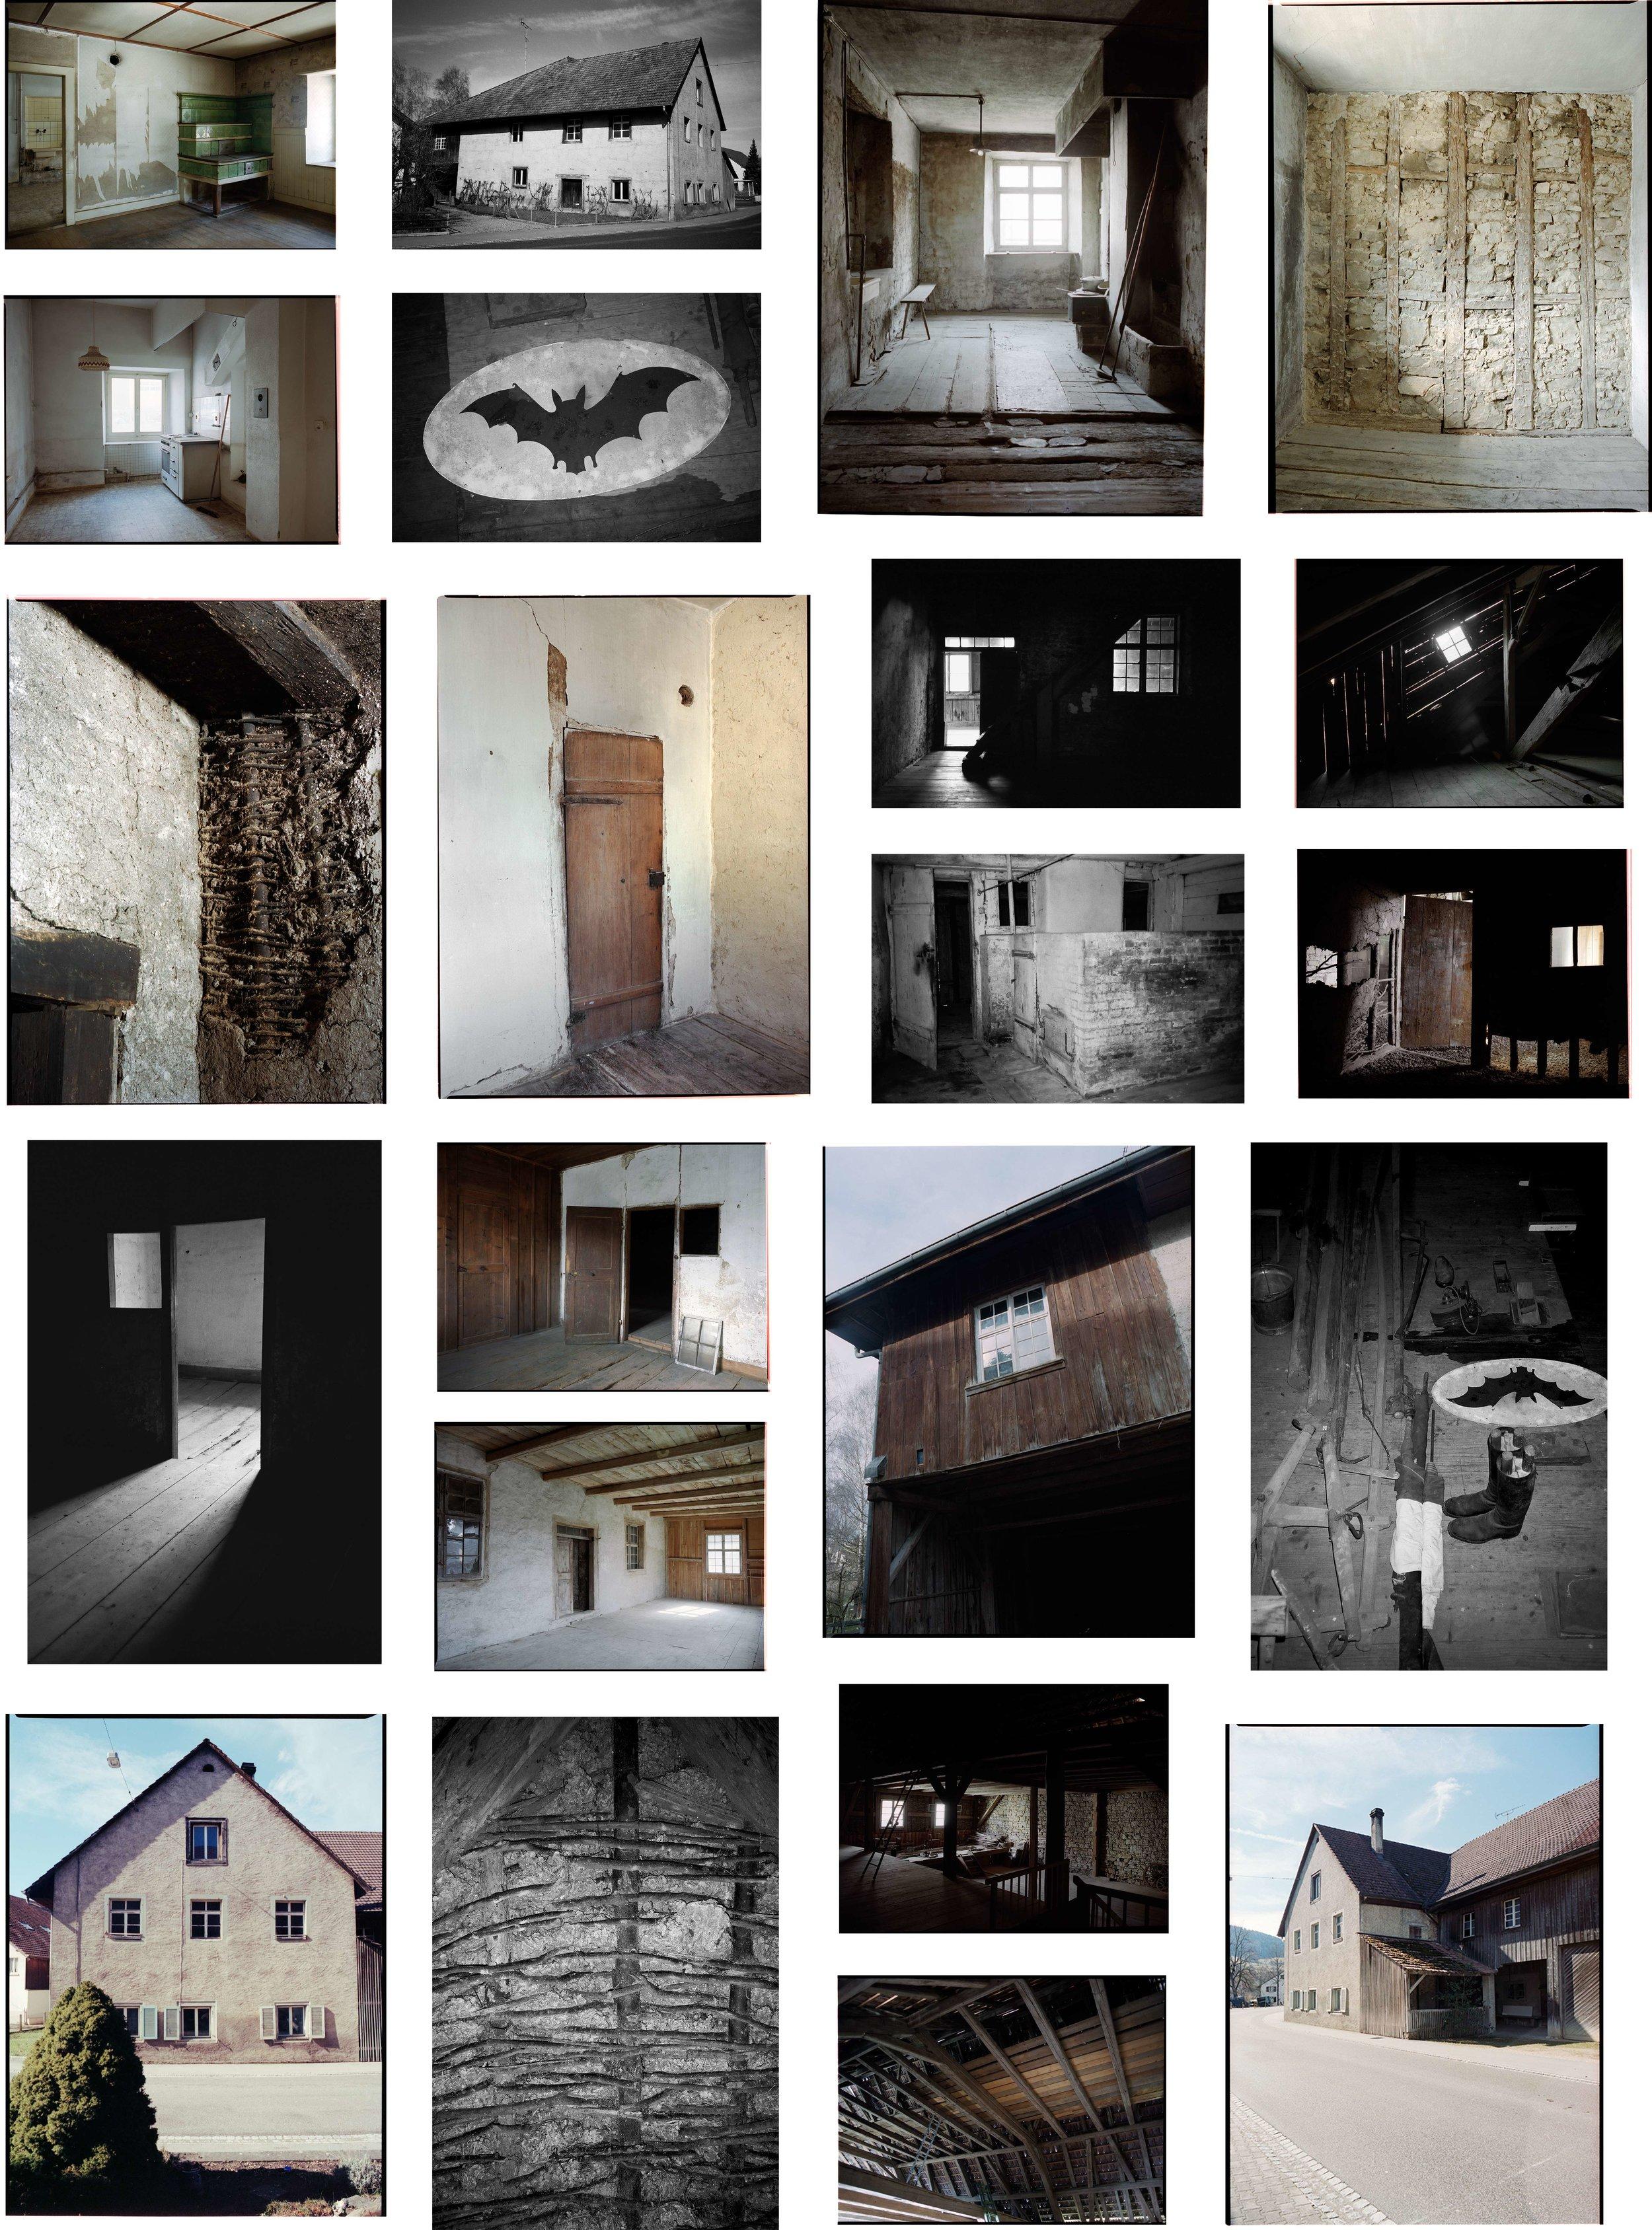 Blattkopie-Flederhaus.jpg